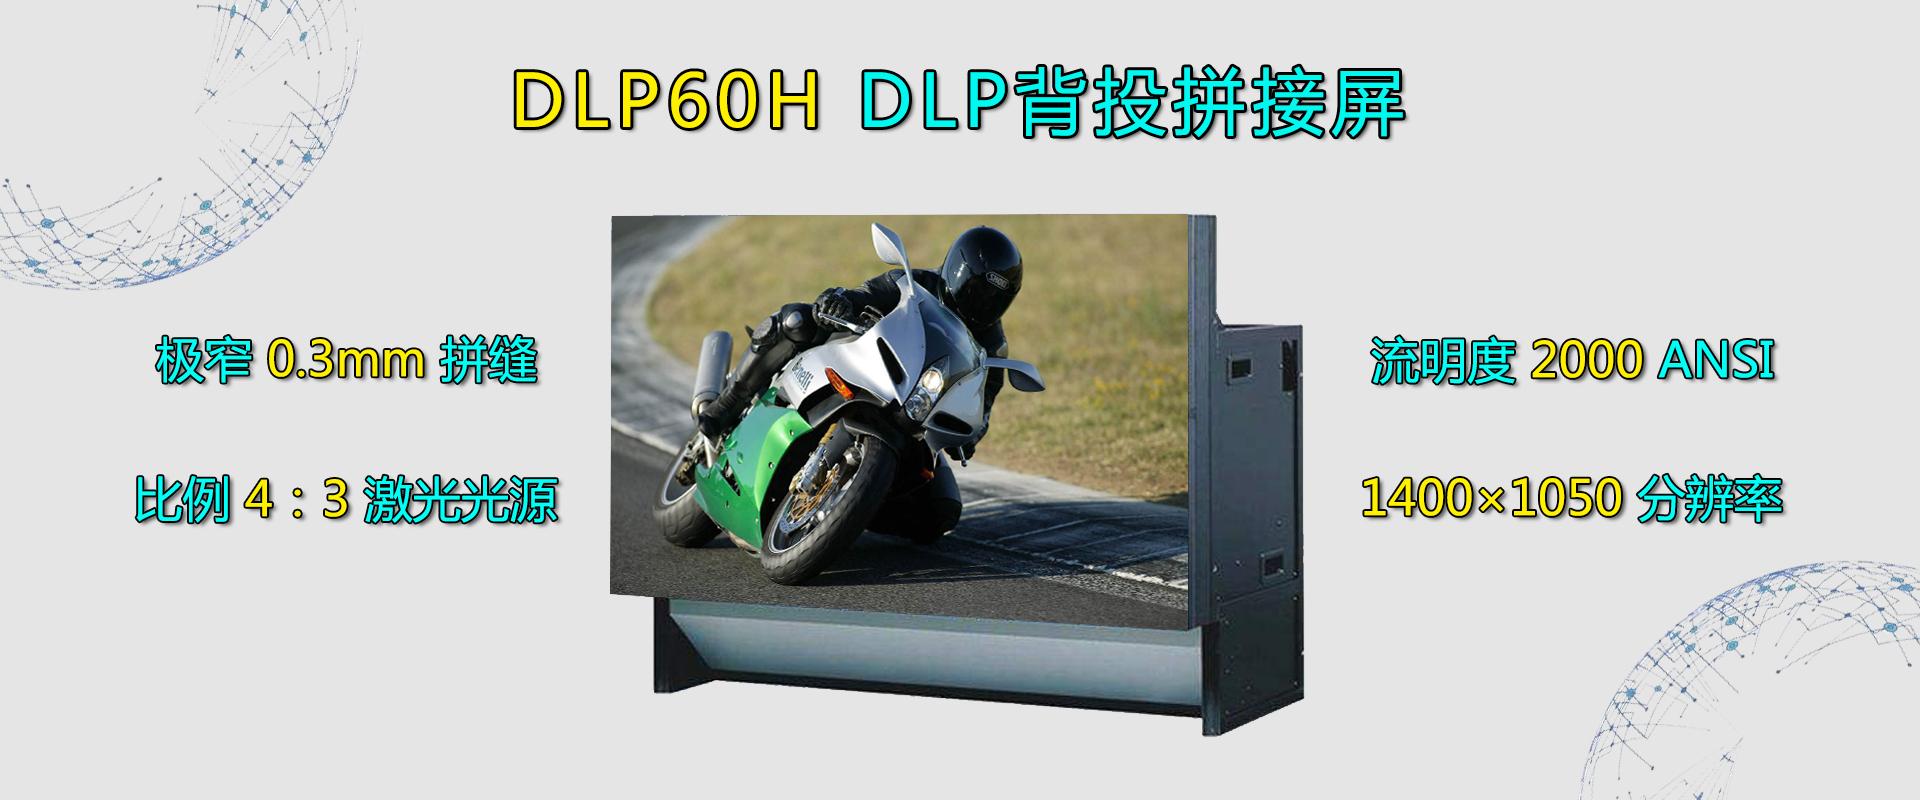 DLP60H